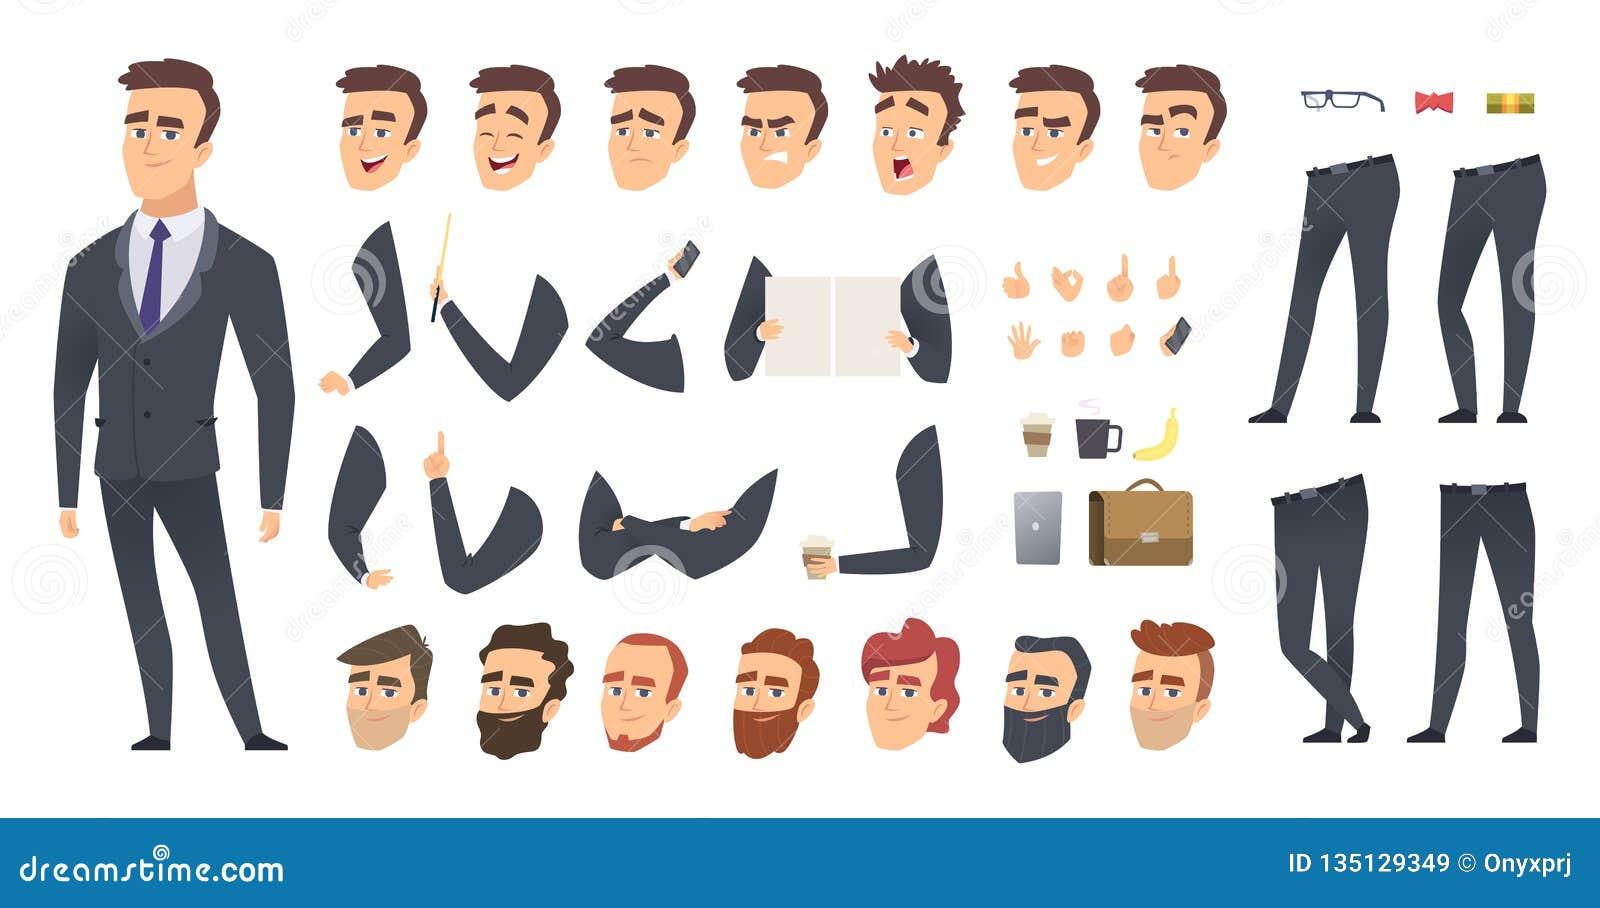 商人建设者 工友经理或企业人人关键性设计动画字符传染媒介创作成套工具